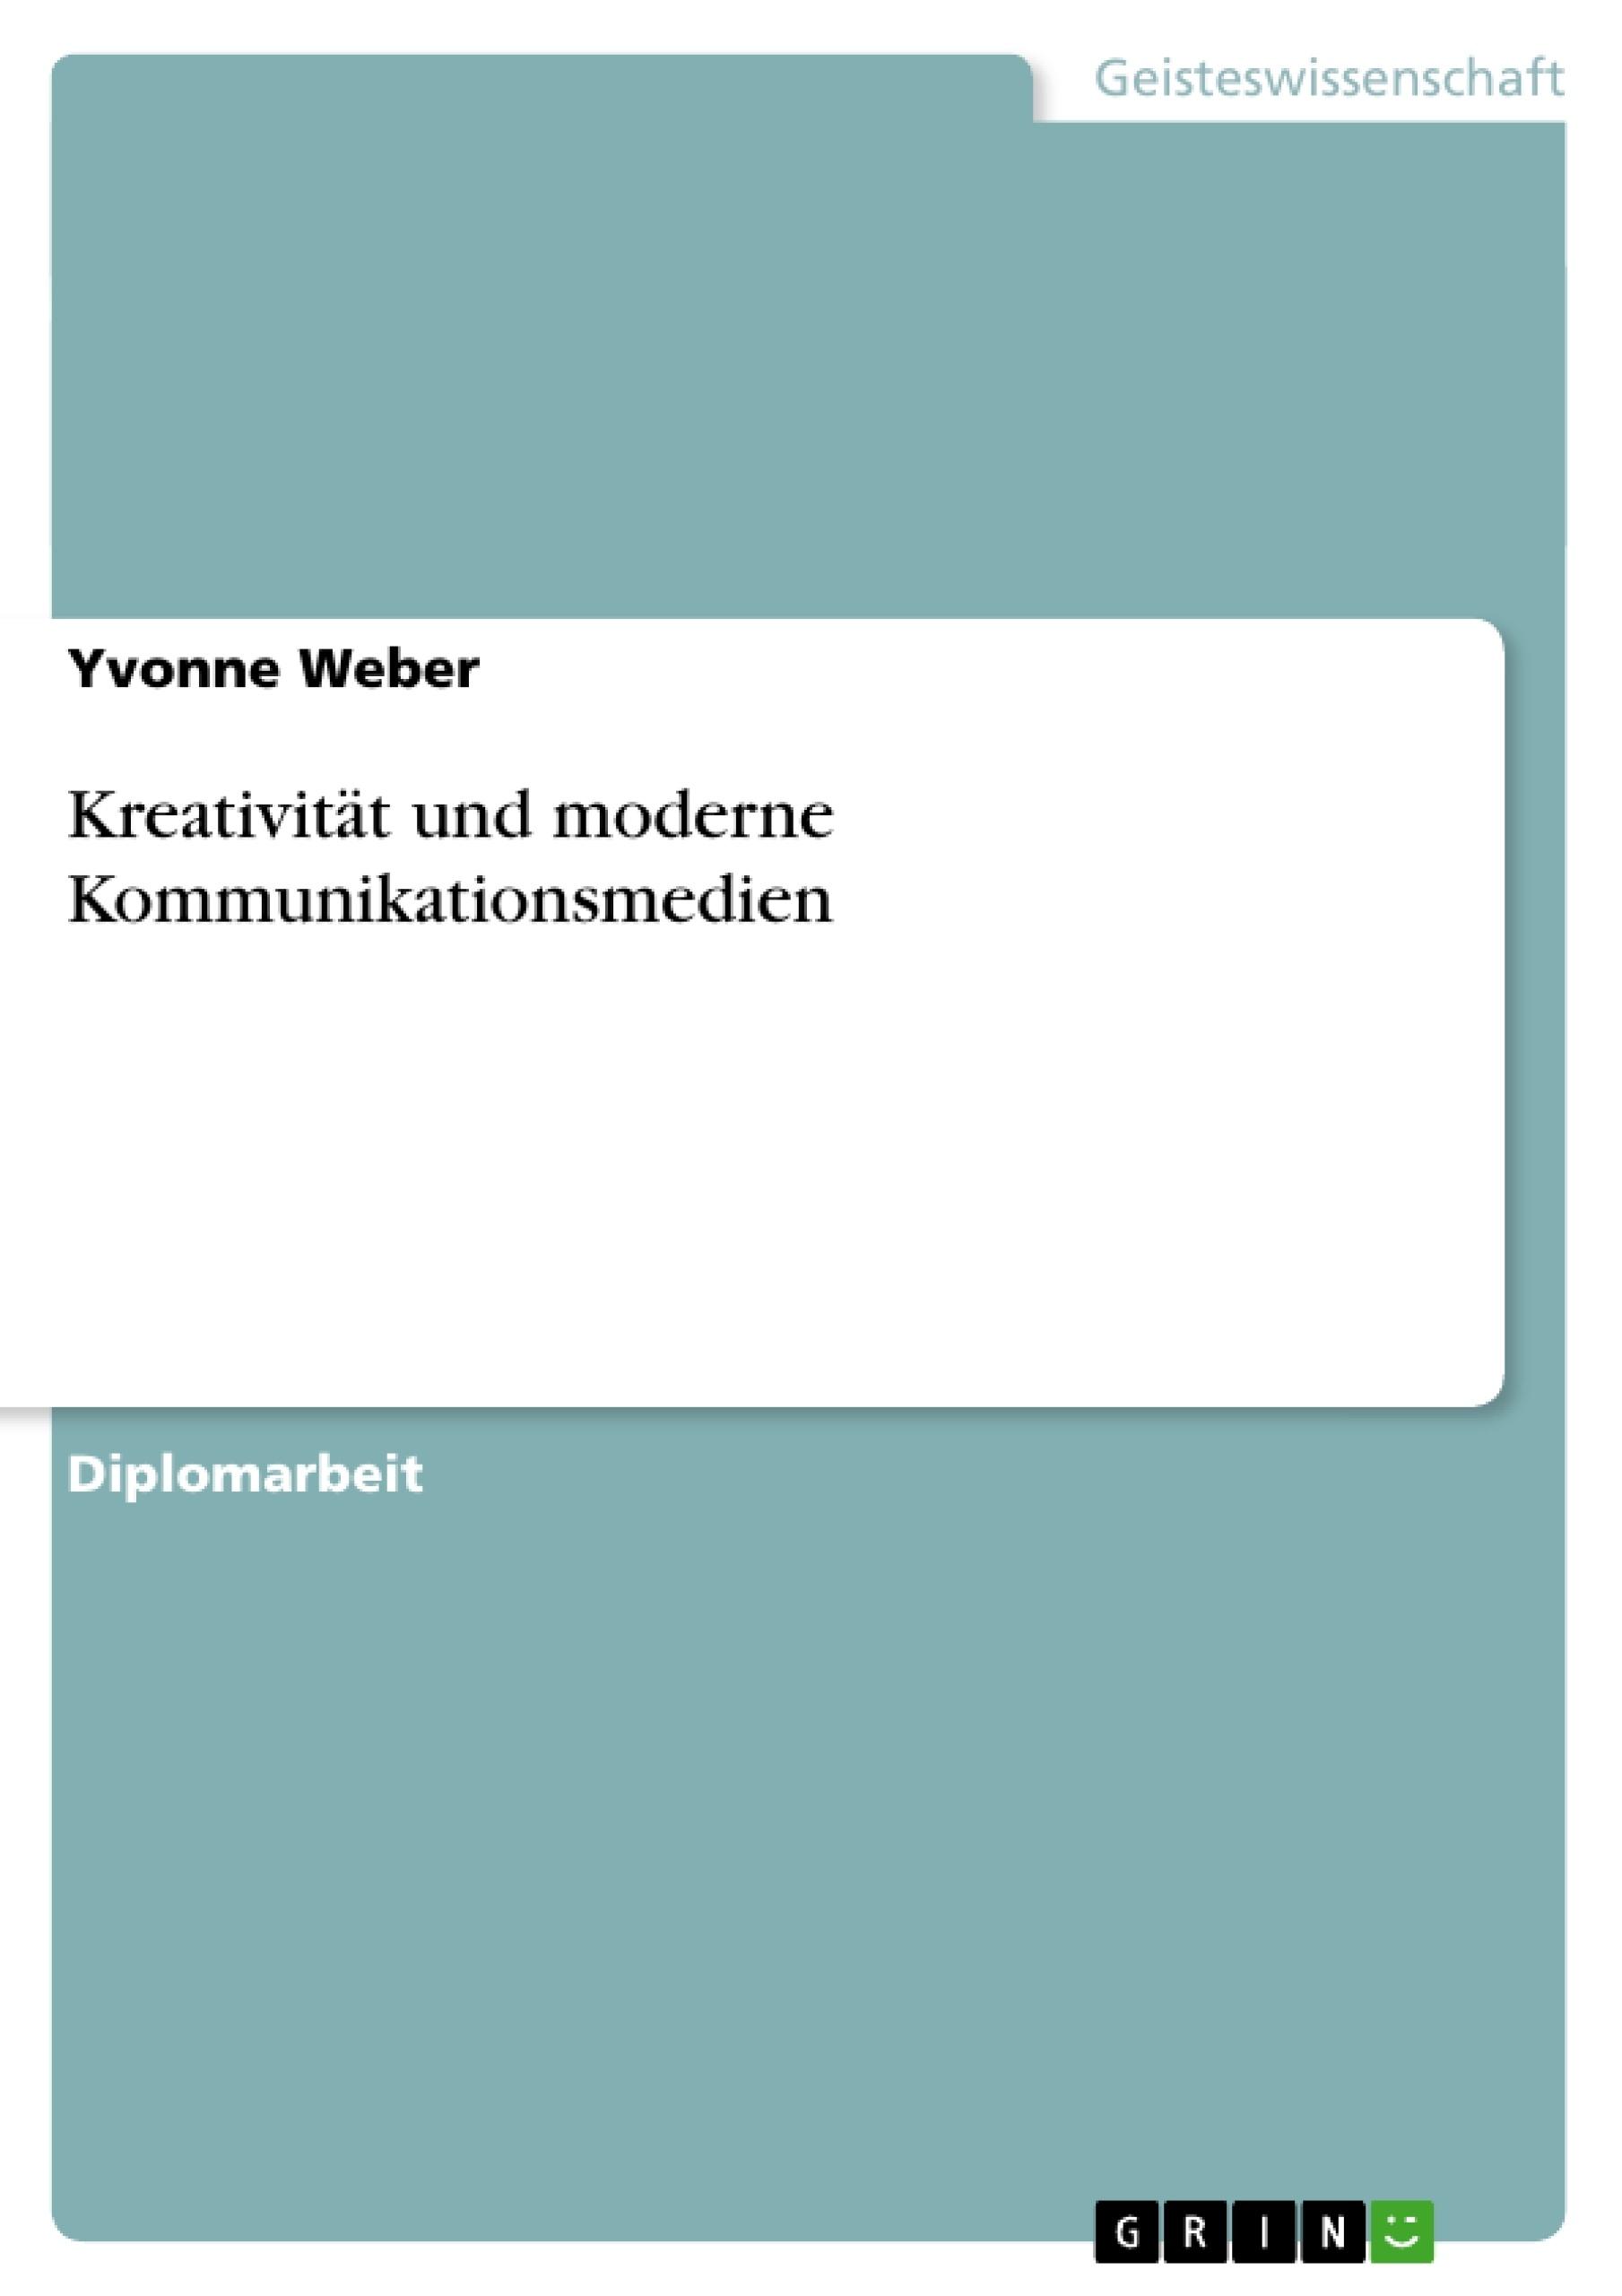 Titel: Kreativität und moderne Kommunikationsmedien